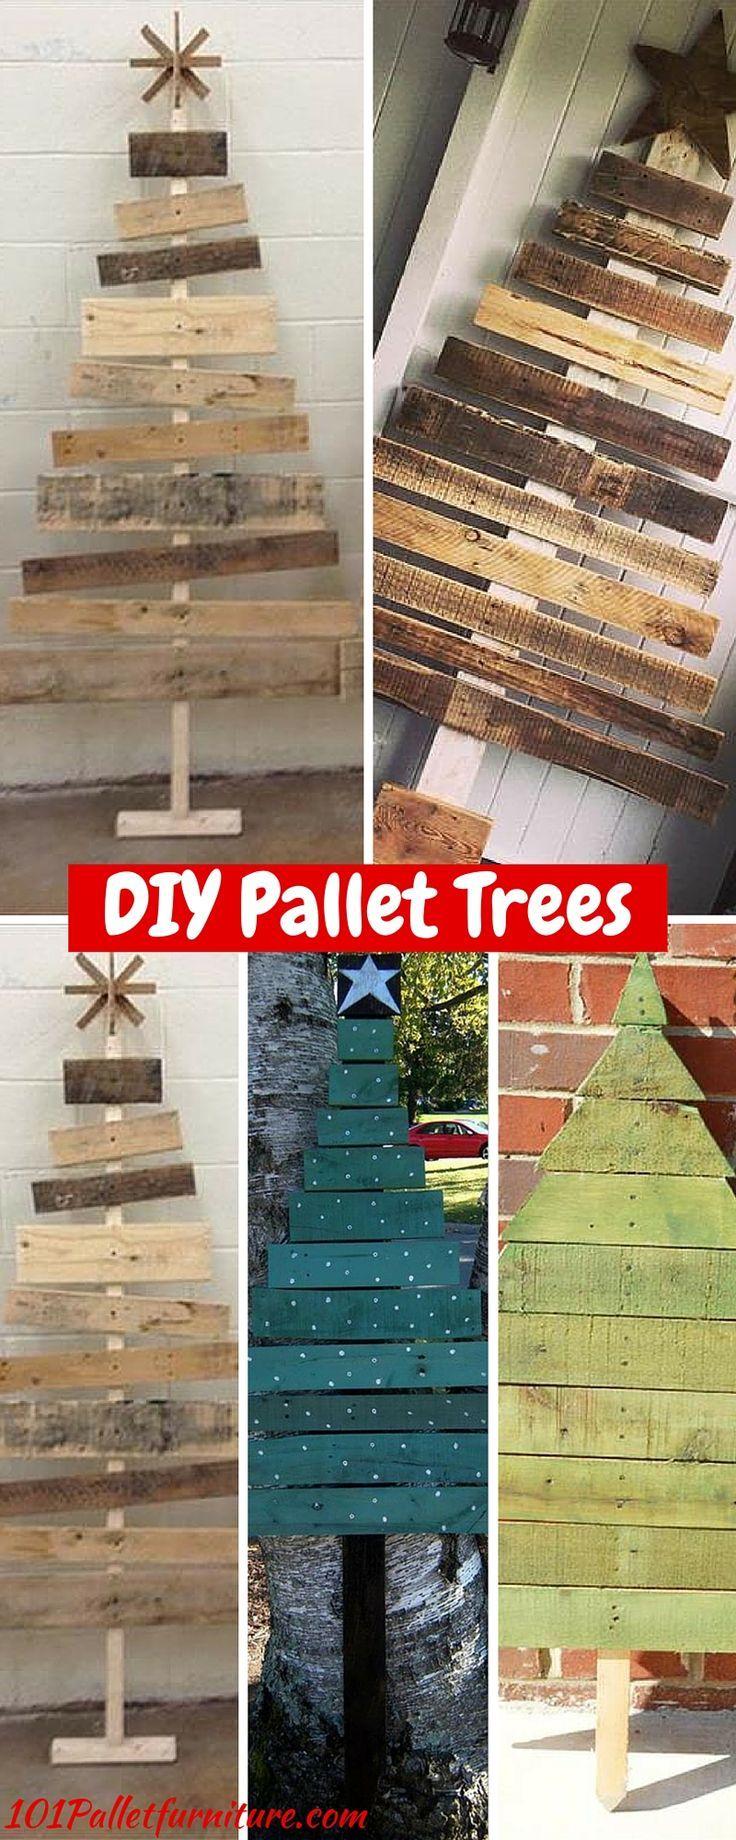 10 Diy Pallet Trees 100 Pallets Wood Rita Diy Weihnachten